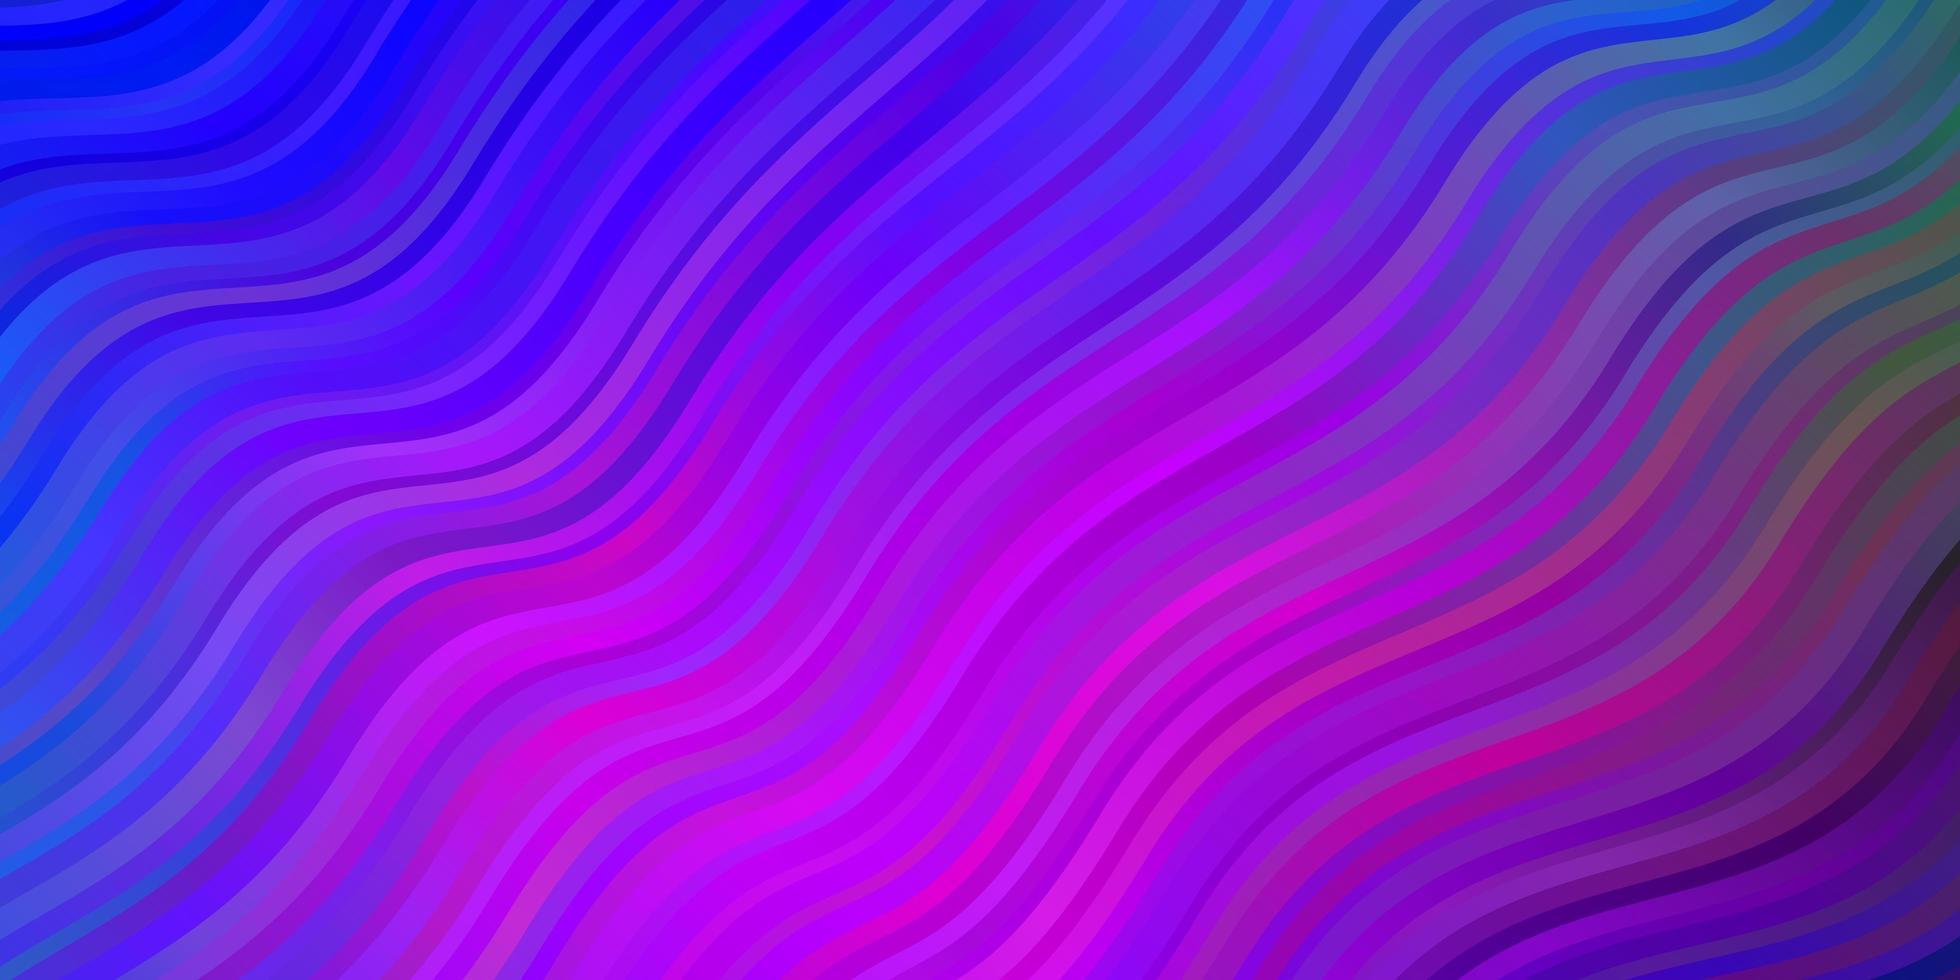 modèle vectoriel rose foncé, bleu avec des lignes.